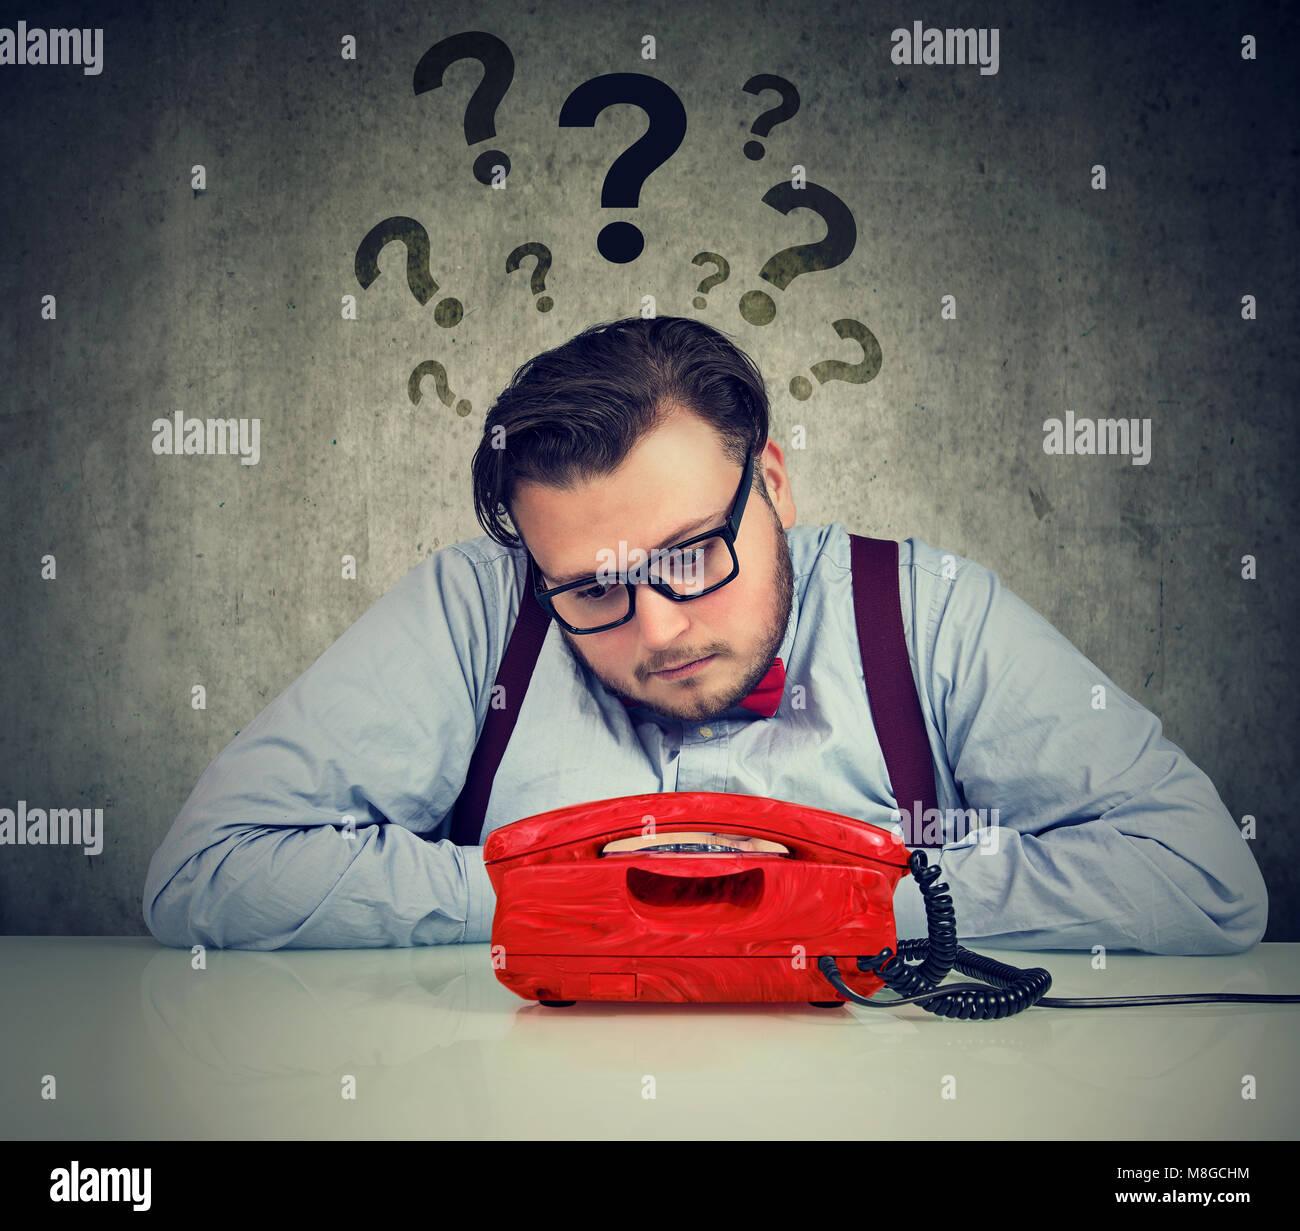 Mann traurig mit zu vielen Fragen, die auf einen Anruf warten Stockbild